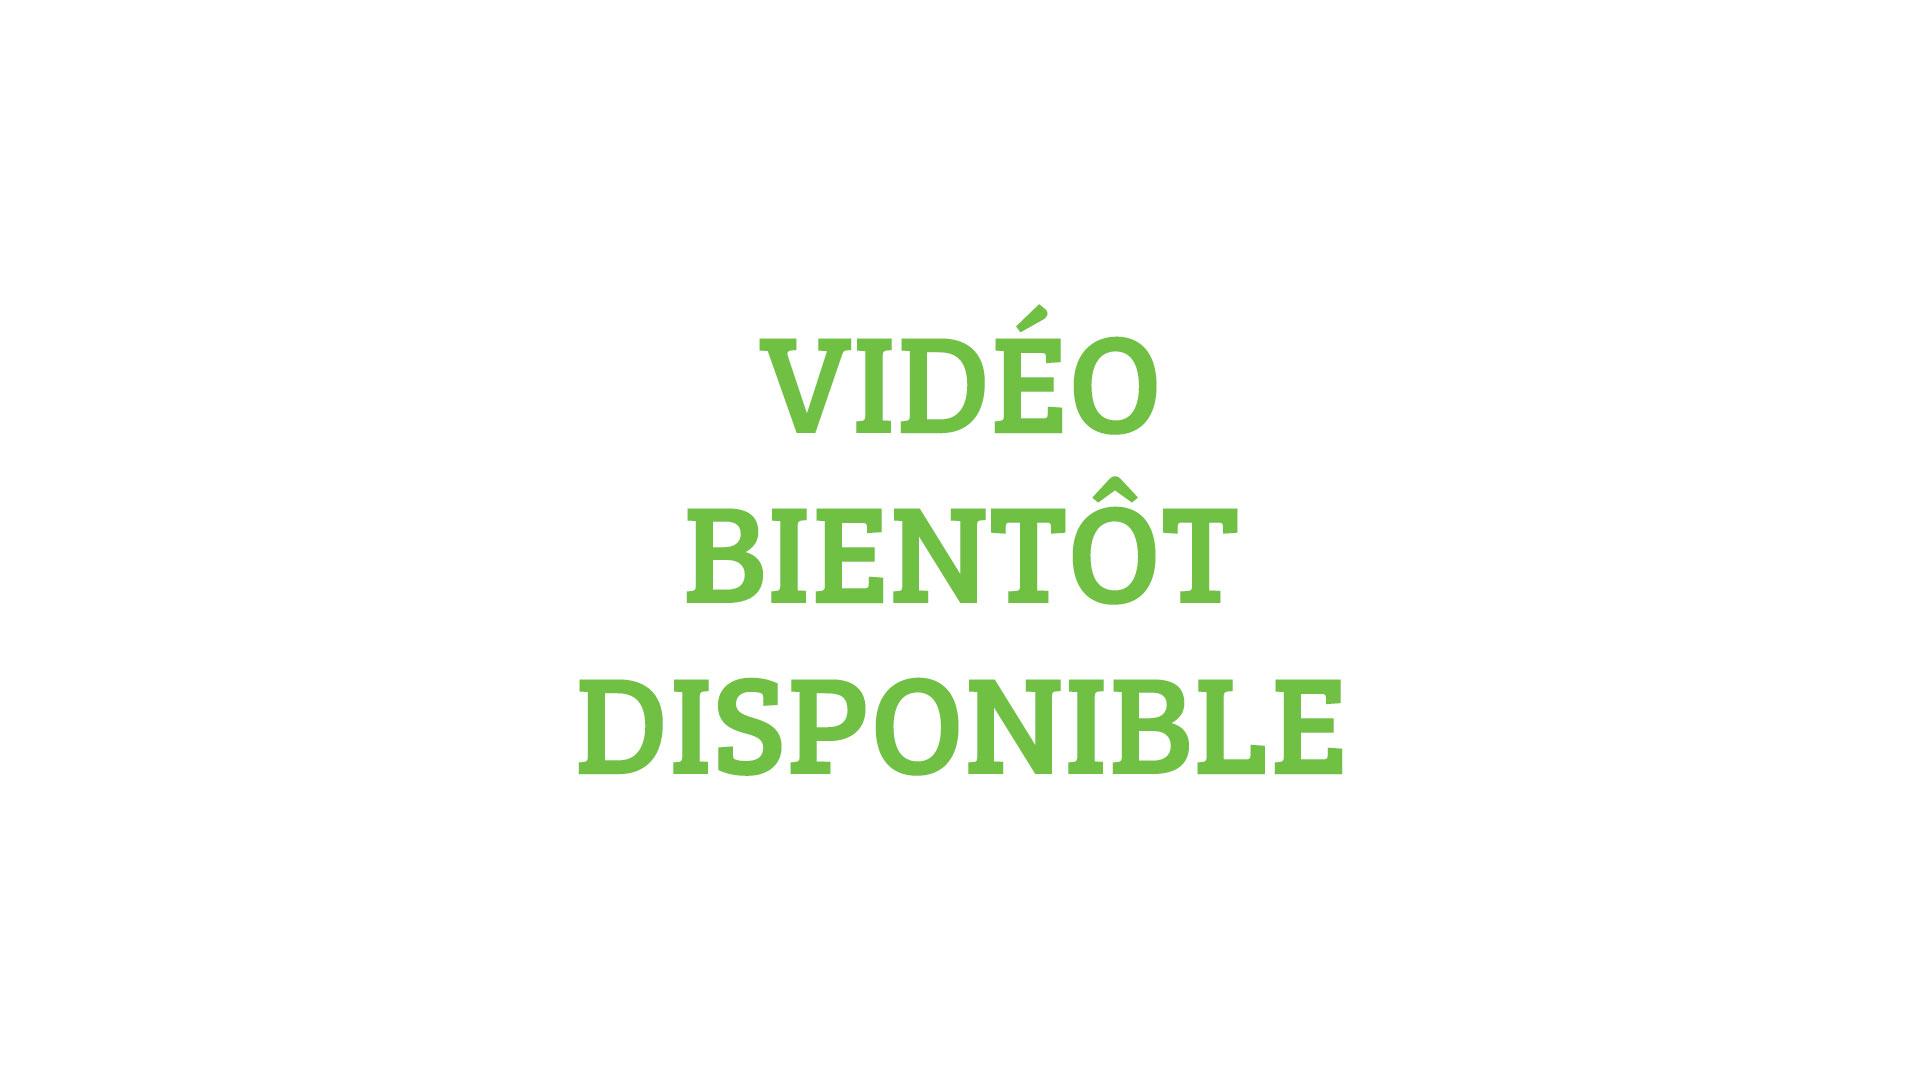 Vidéo bientôt disponible